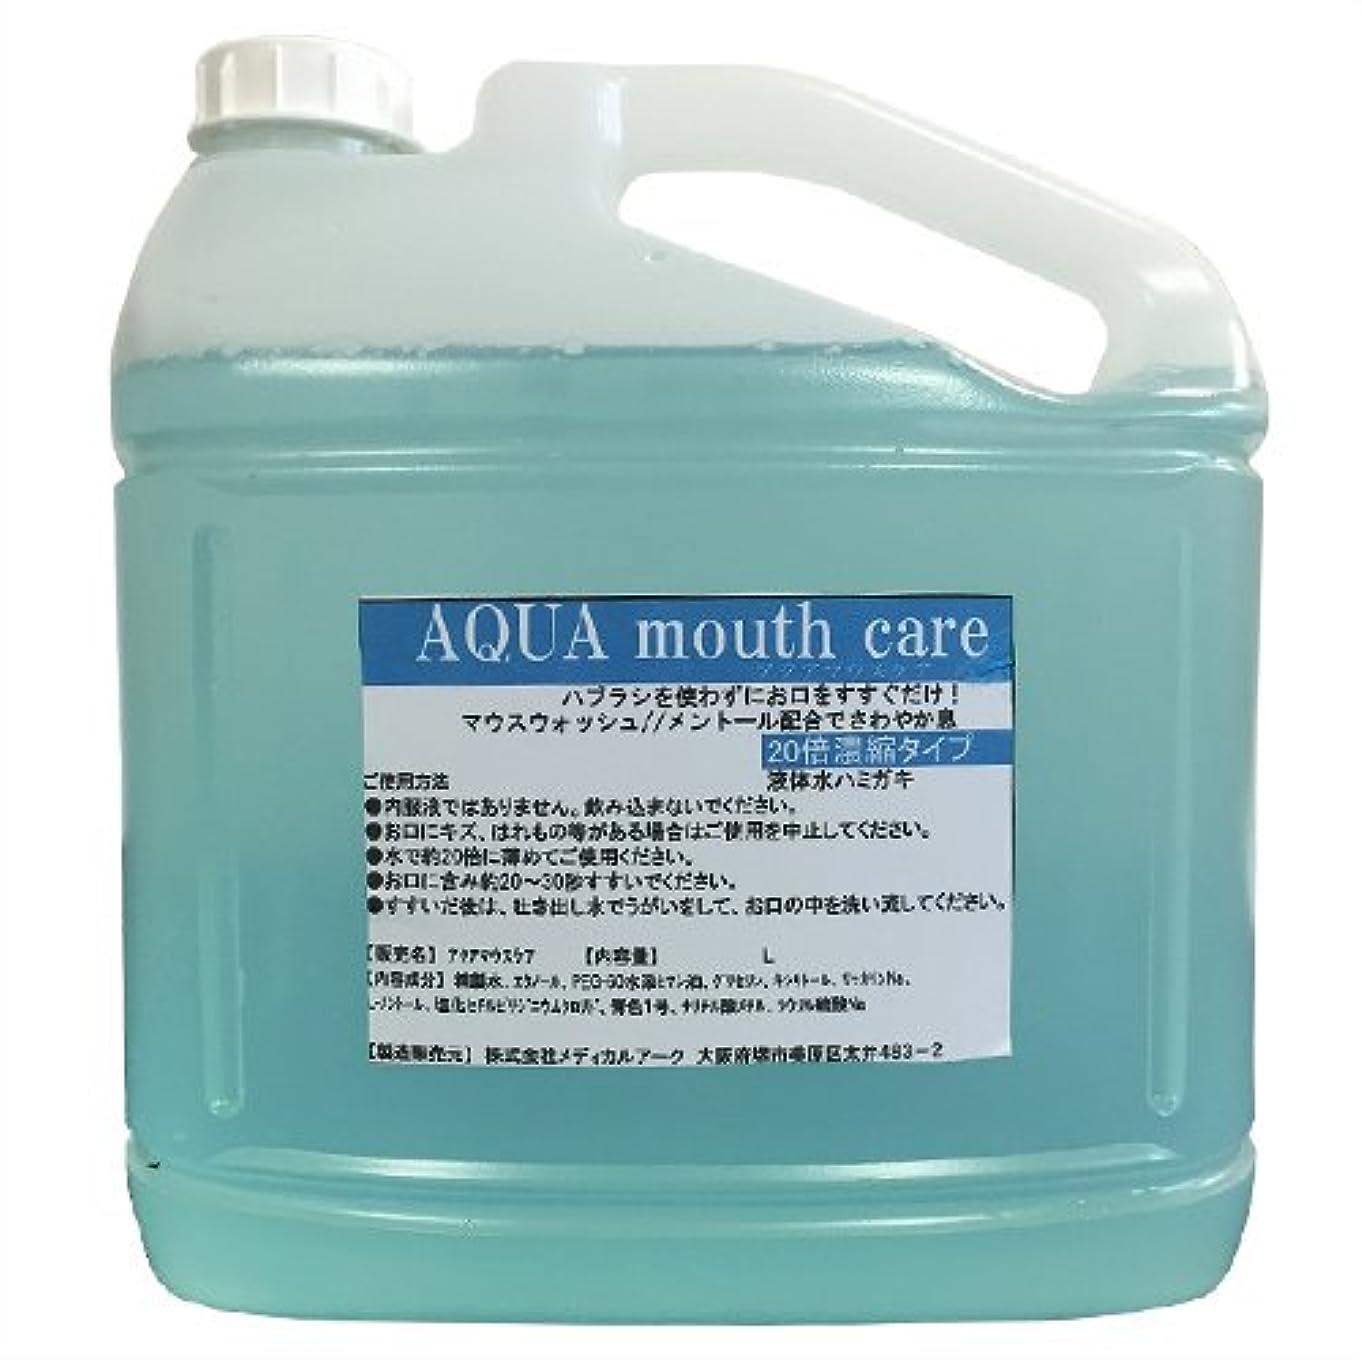 かわいらしい相互接辞業務用洗口液 マウスウォッシュ アクアマウスケア (AQUA mouth care) 20倍濃縮タイプ 5L (詰め替えコック付き)